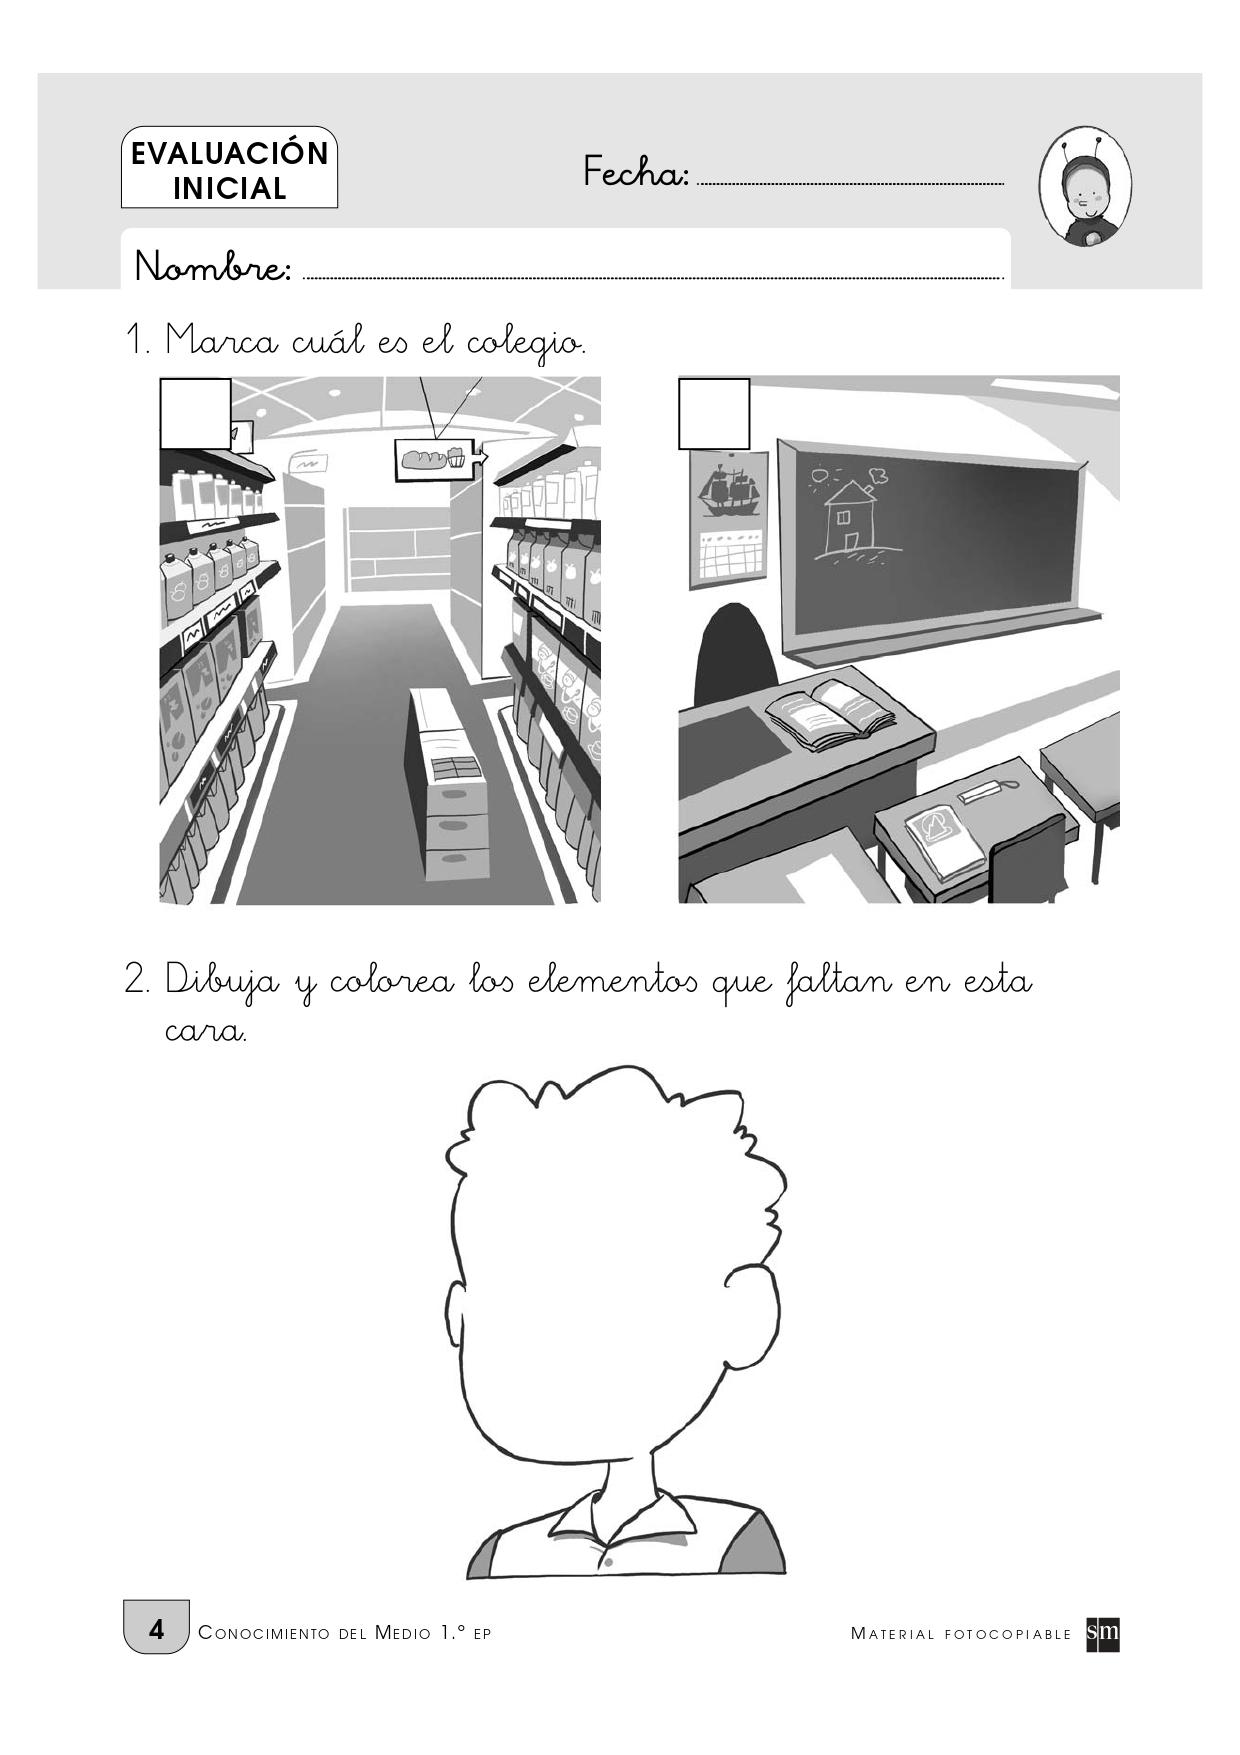 Evaluación inicial para primero de primaria_page-0005 - Orientación Andújar  - Recursos Educativos